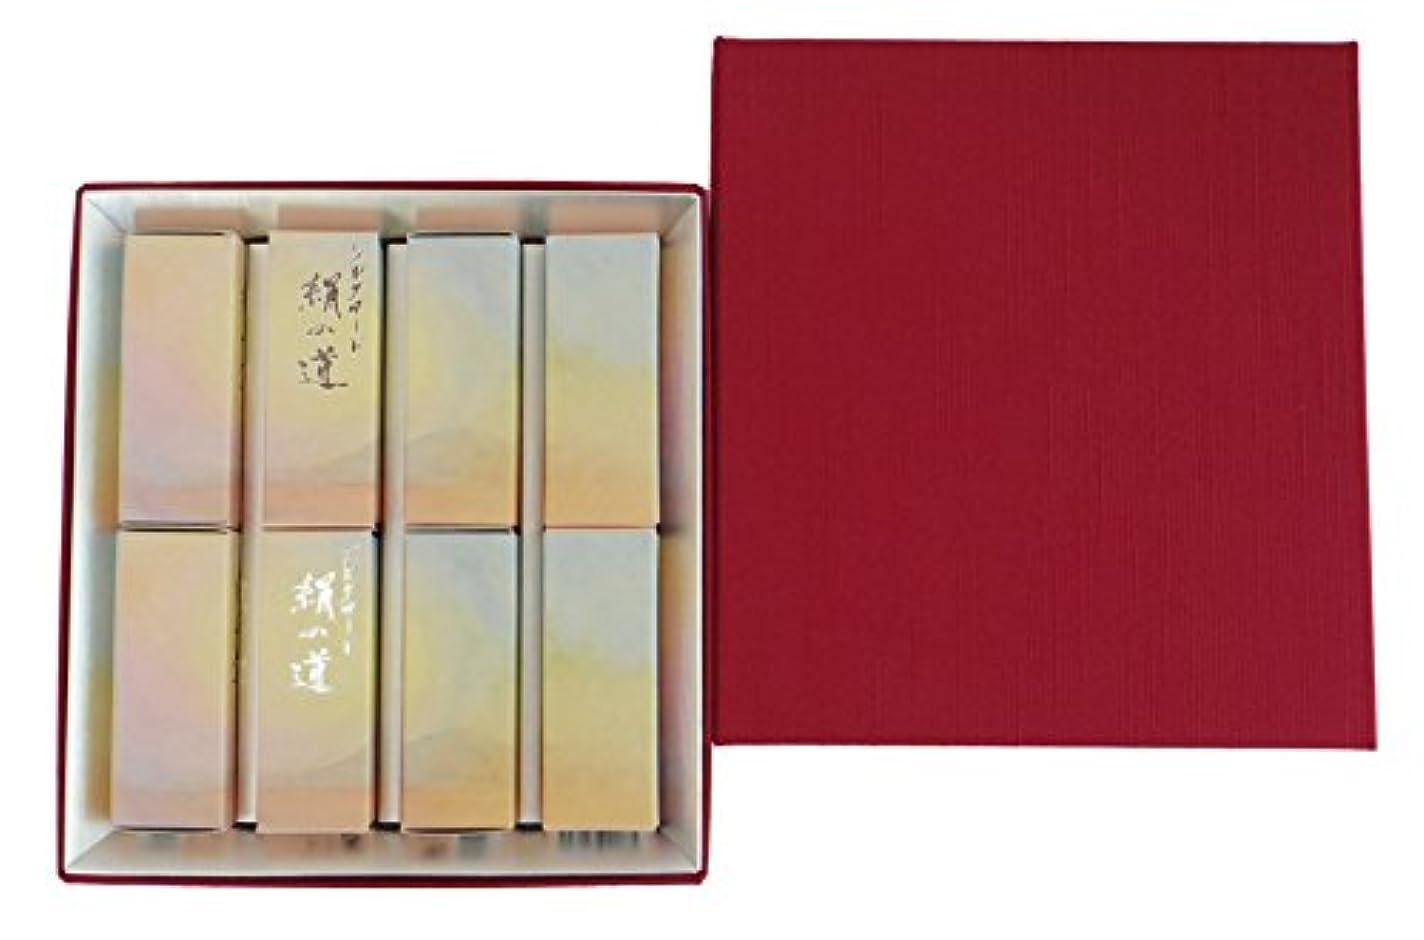 郵便局受け入れたエンゲージメント丸叶むらたのお香 ハーフ寸ギフト シルクロード絹の道 8サック入 #SK-10